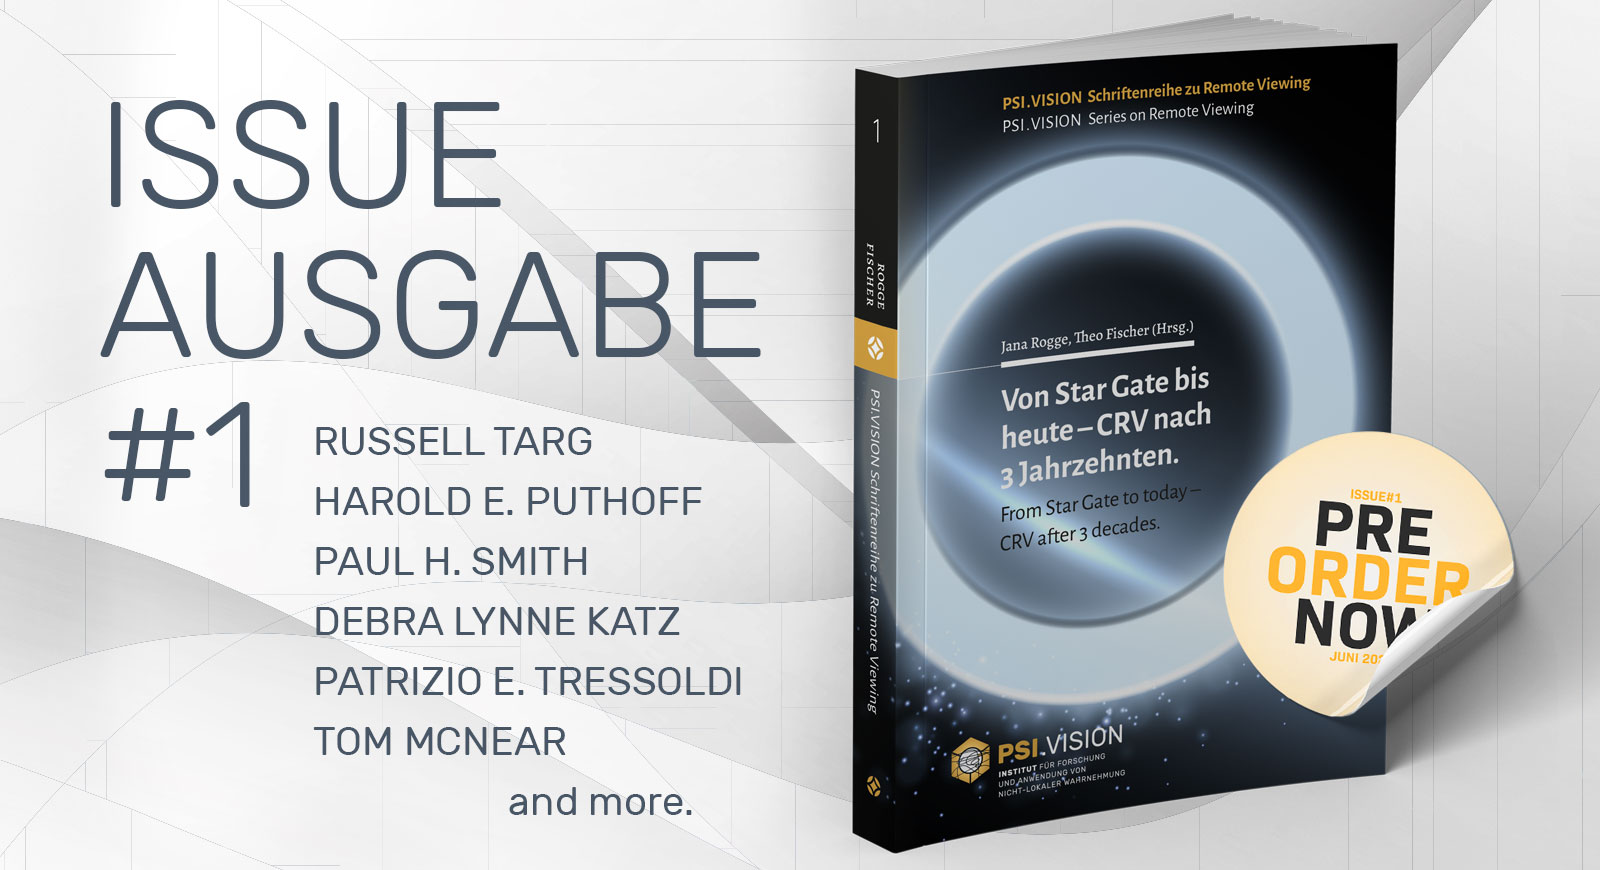 PSI.vision | Von Stargate bis heute | CRV nach 3 Jahrzehnten